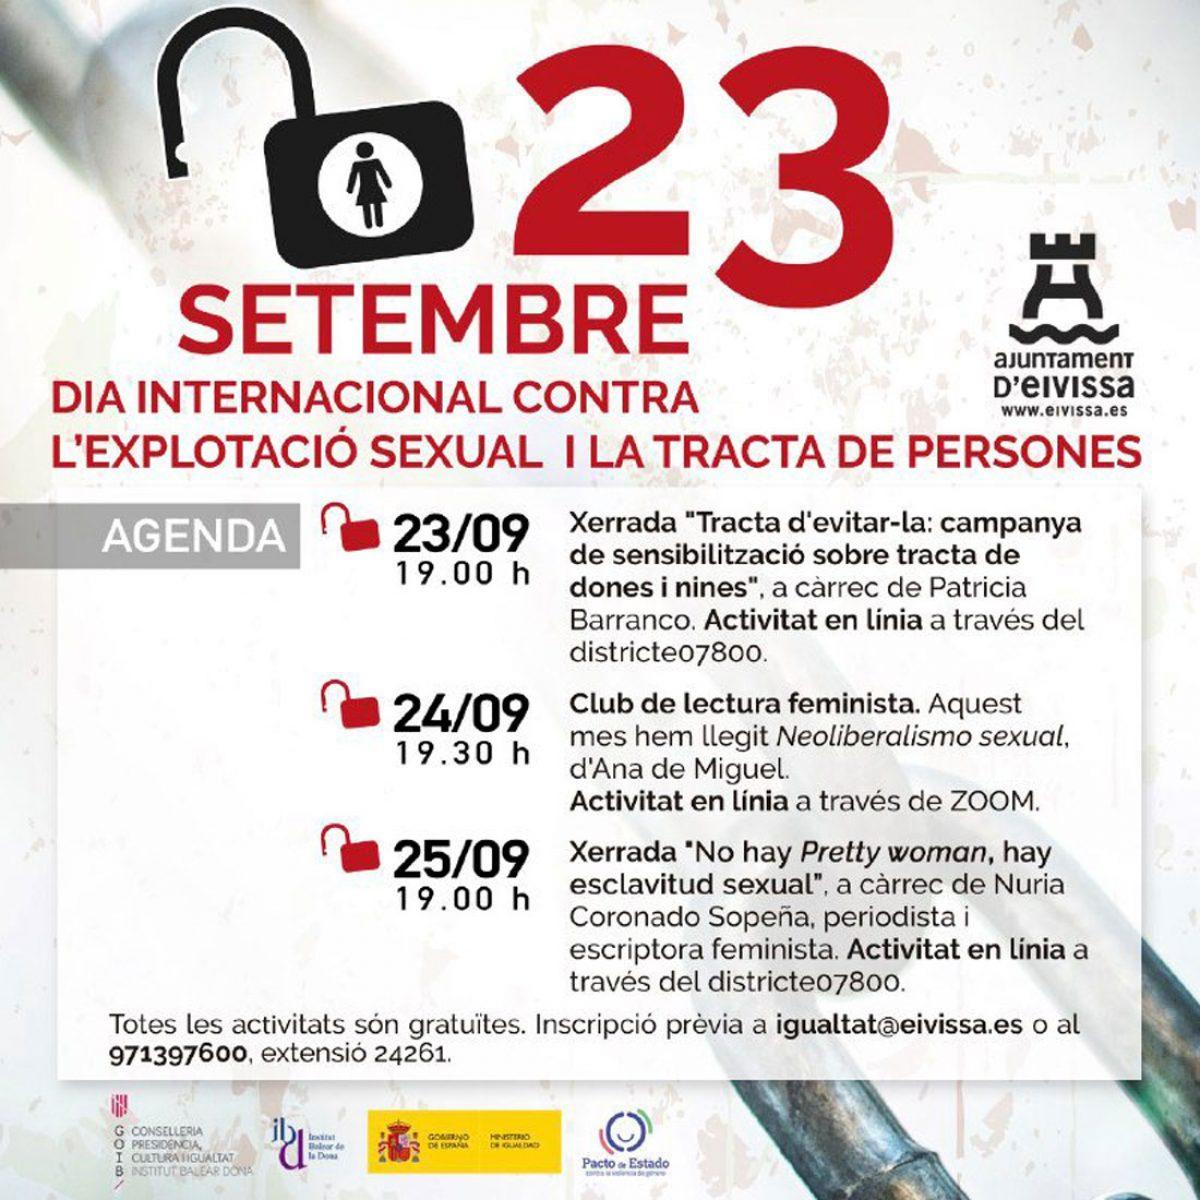 Международный день борьбы с сексуальной эксплуатацией, Ибица, 2020, welcometoibiza